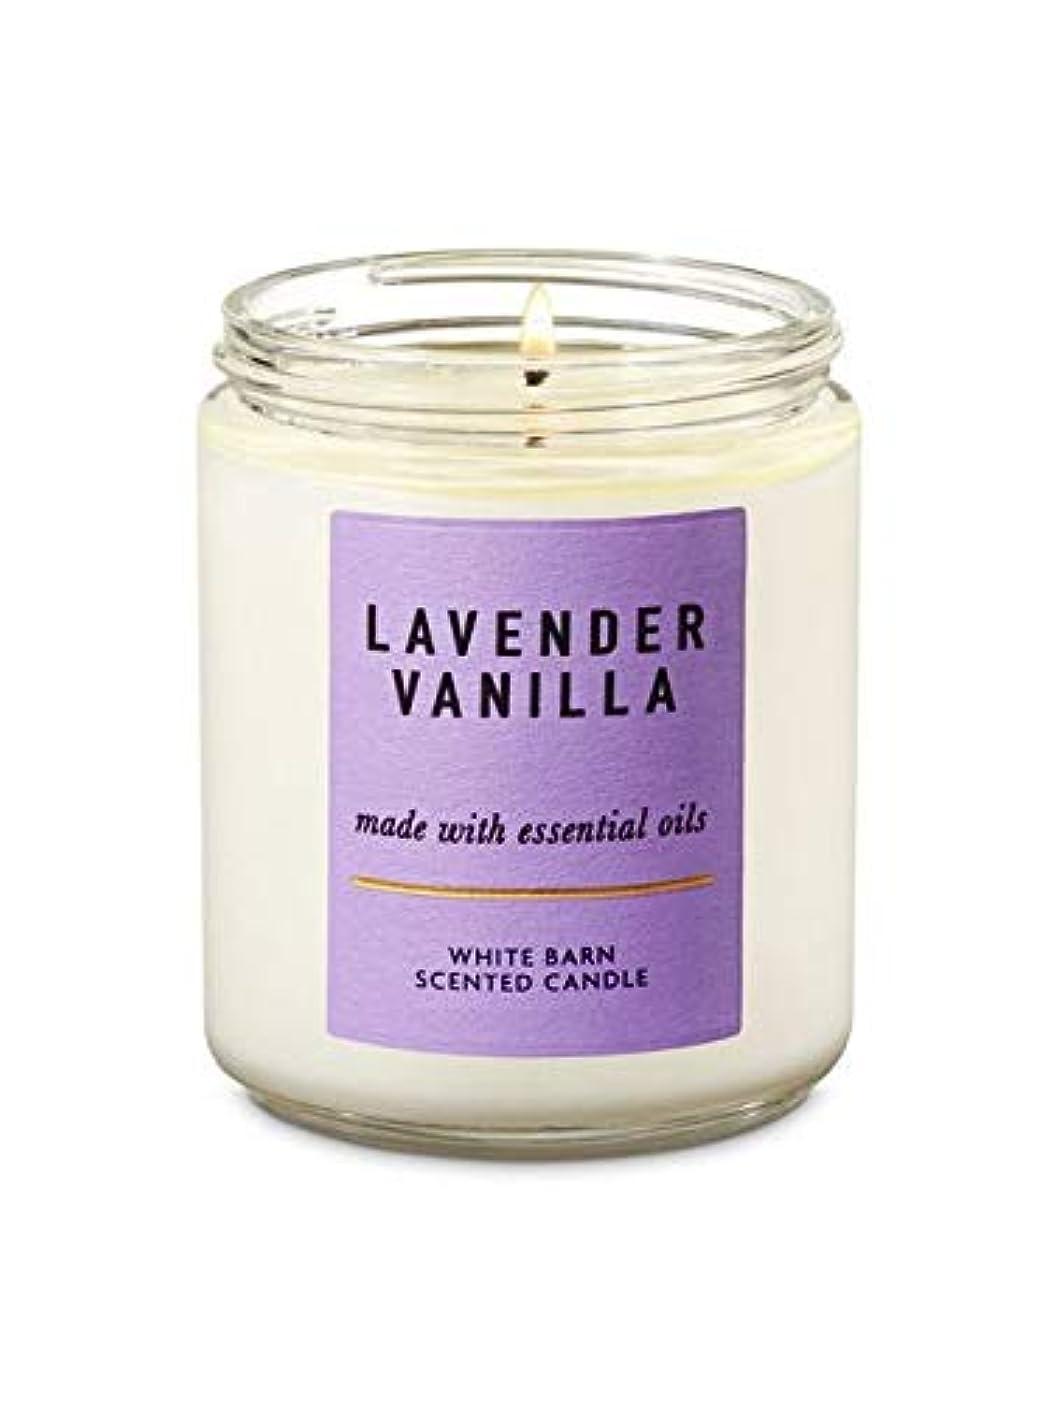 アラスカエラー症状【Bath&Body Works/バス&ボディワークス】 アロマキャンドル ラベンダーバニラ 1-Wick Scented Candle Lavender Vanilla 7oz/198g [並行輸入品]